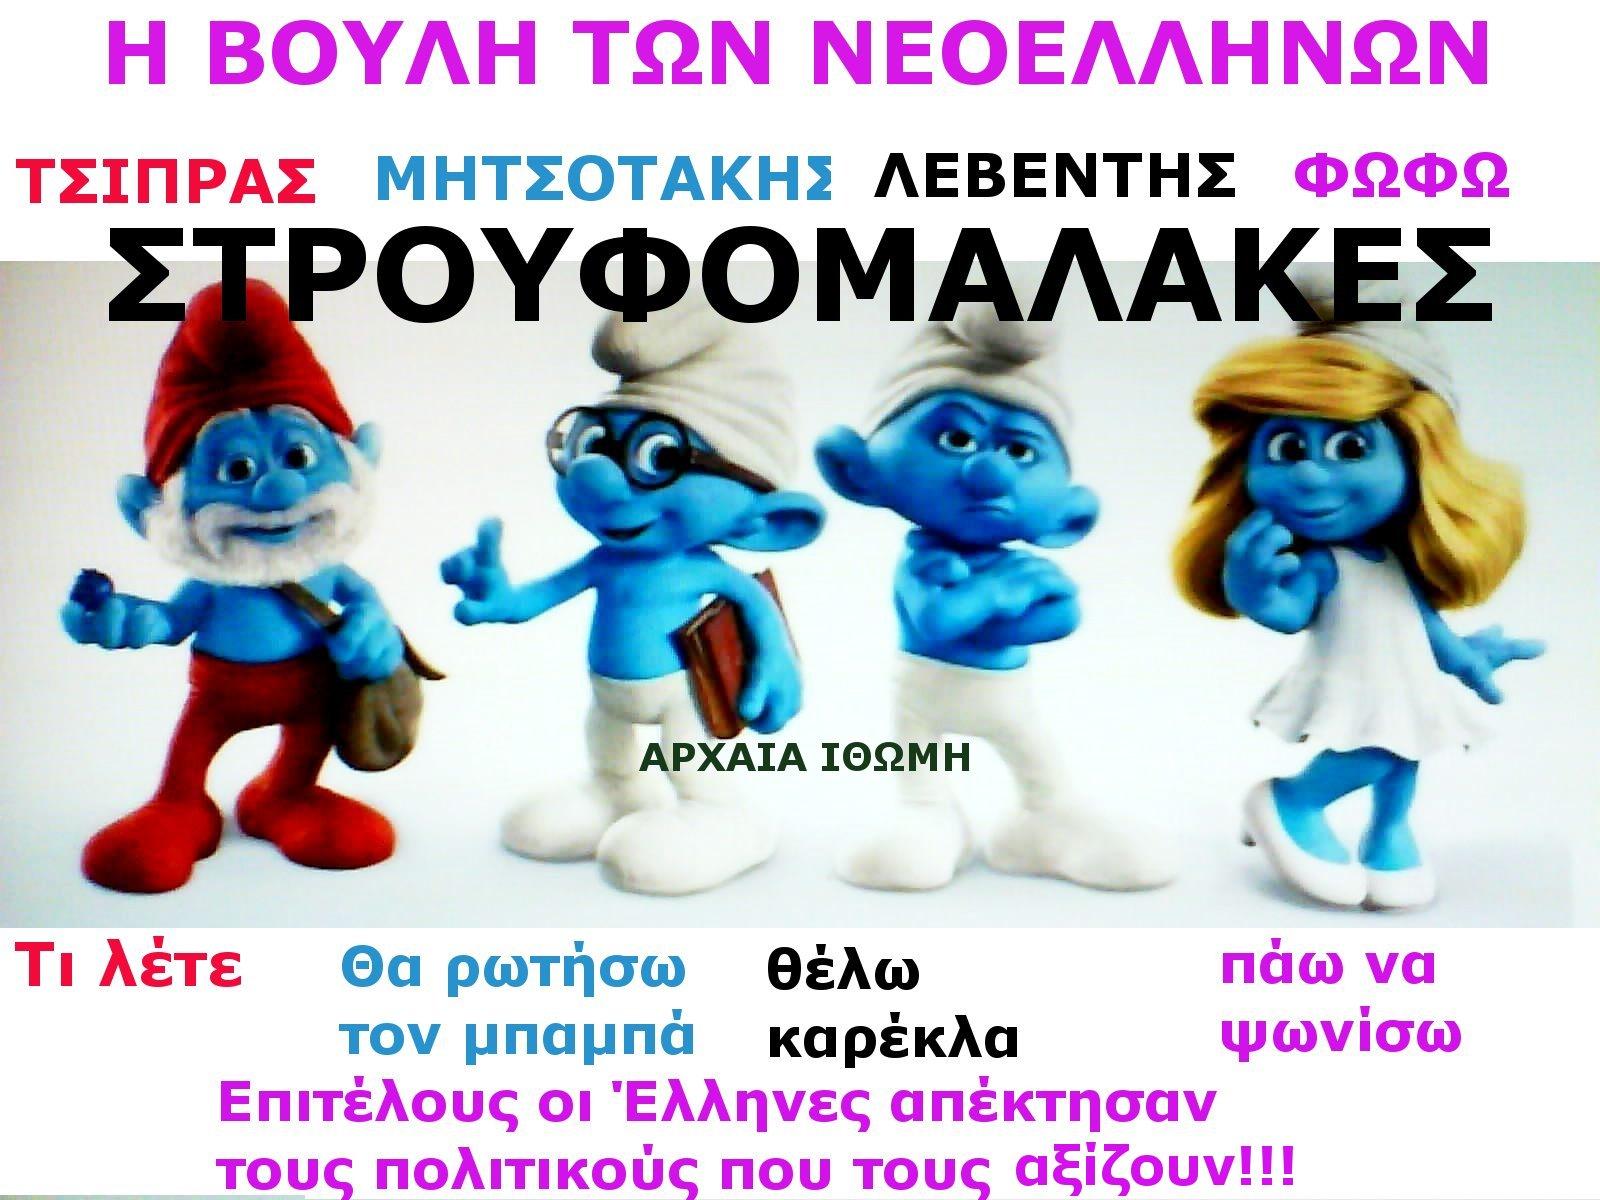 ΣΤΡΟΥΦΟΜΑΛΑΚΕΣ